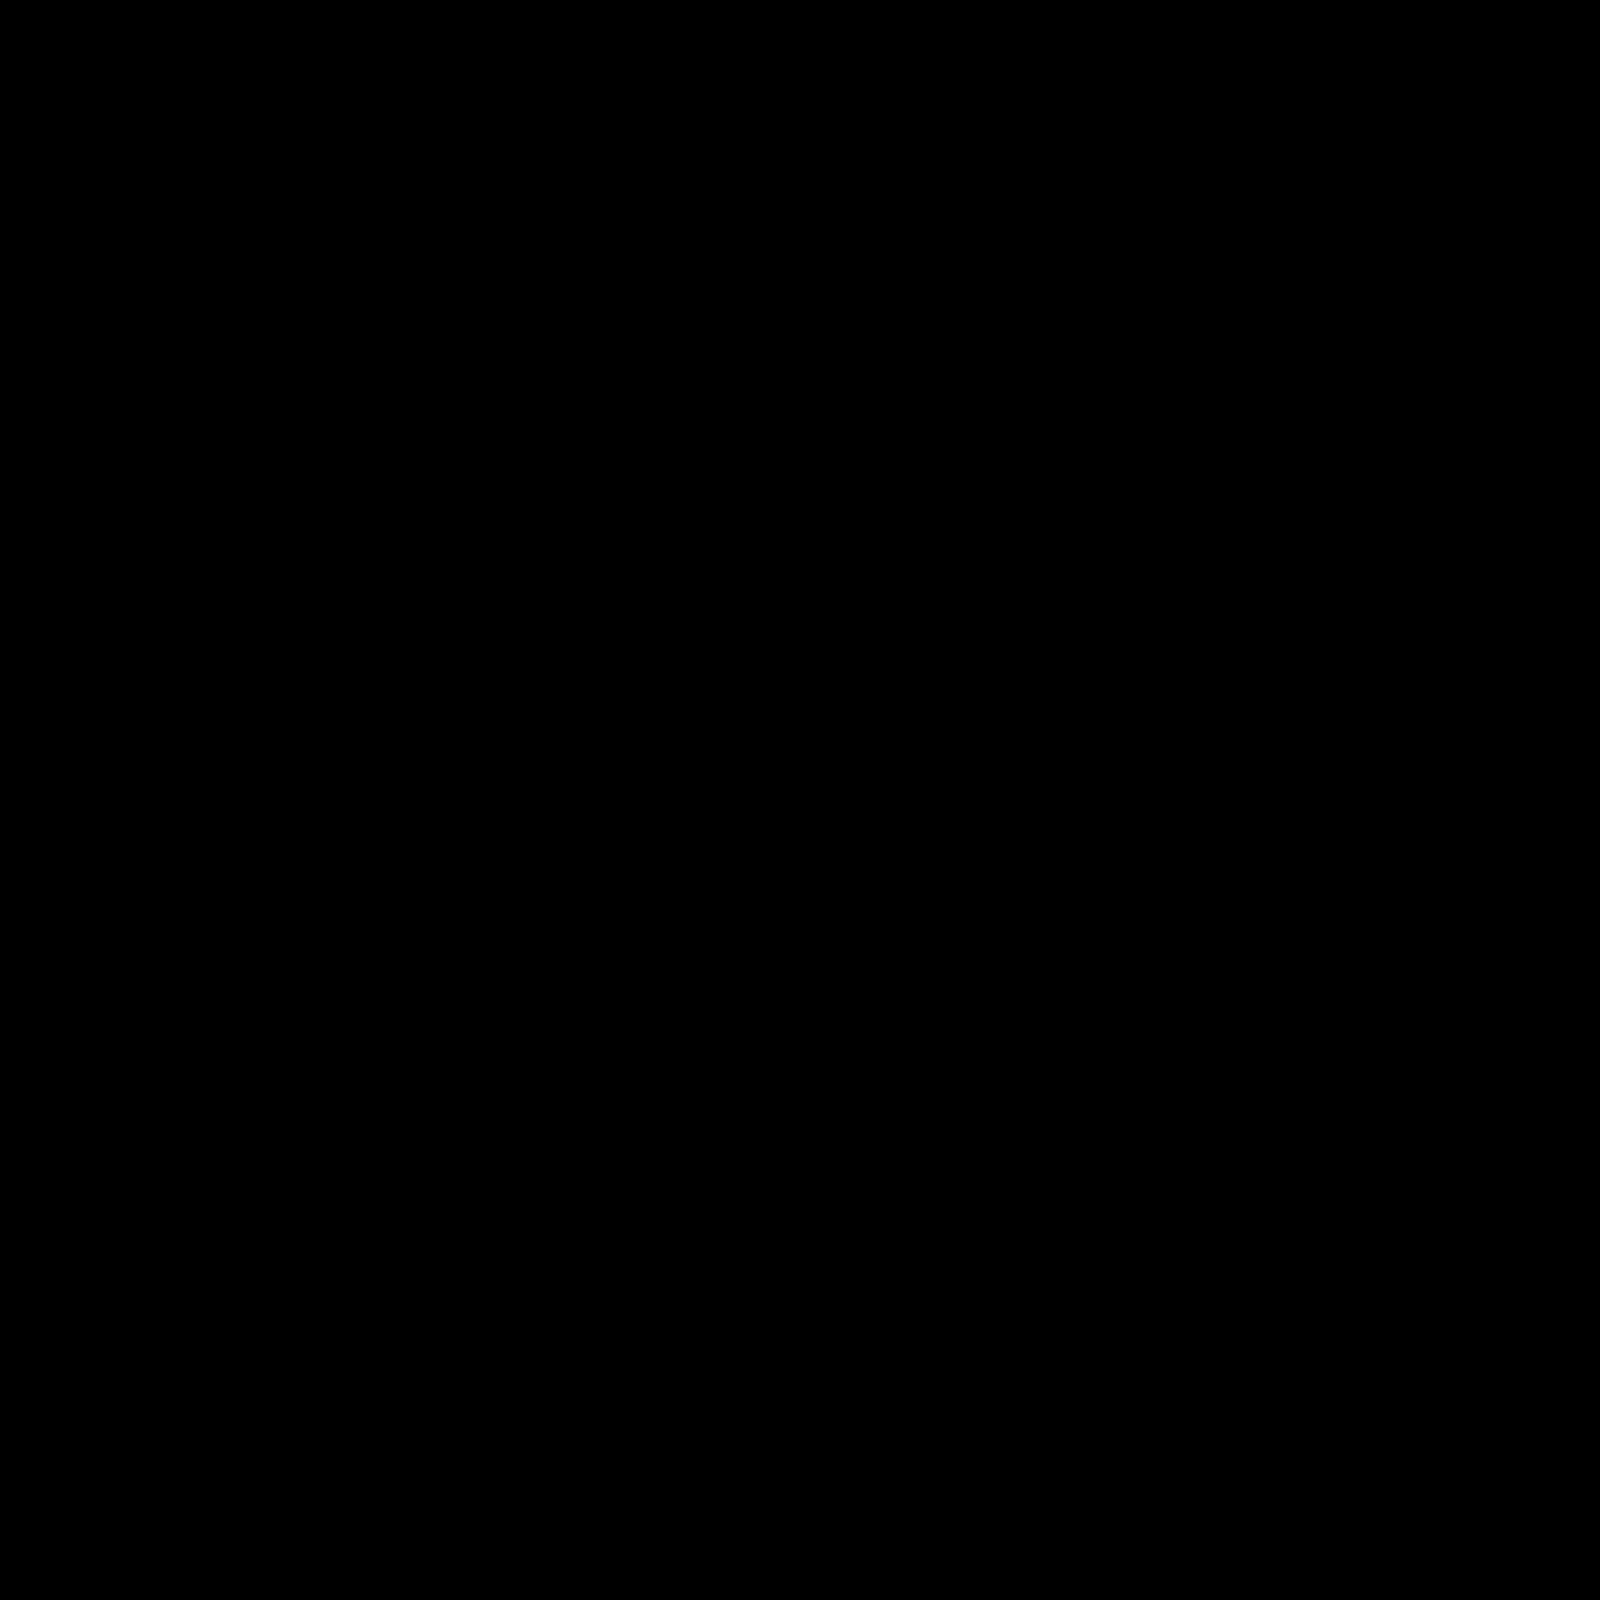 Kreuzheben icon